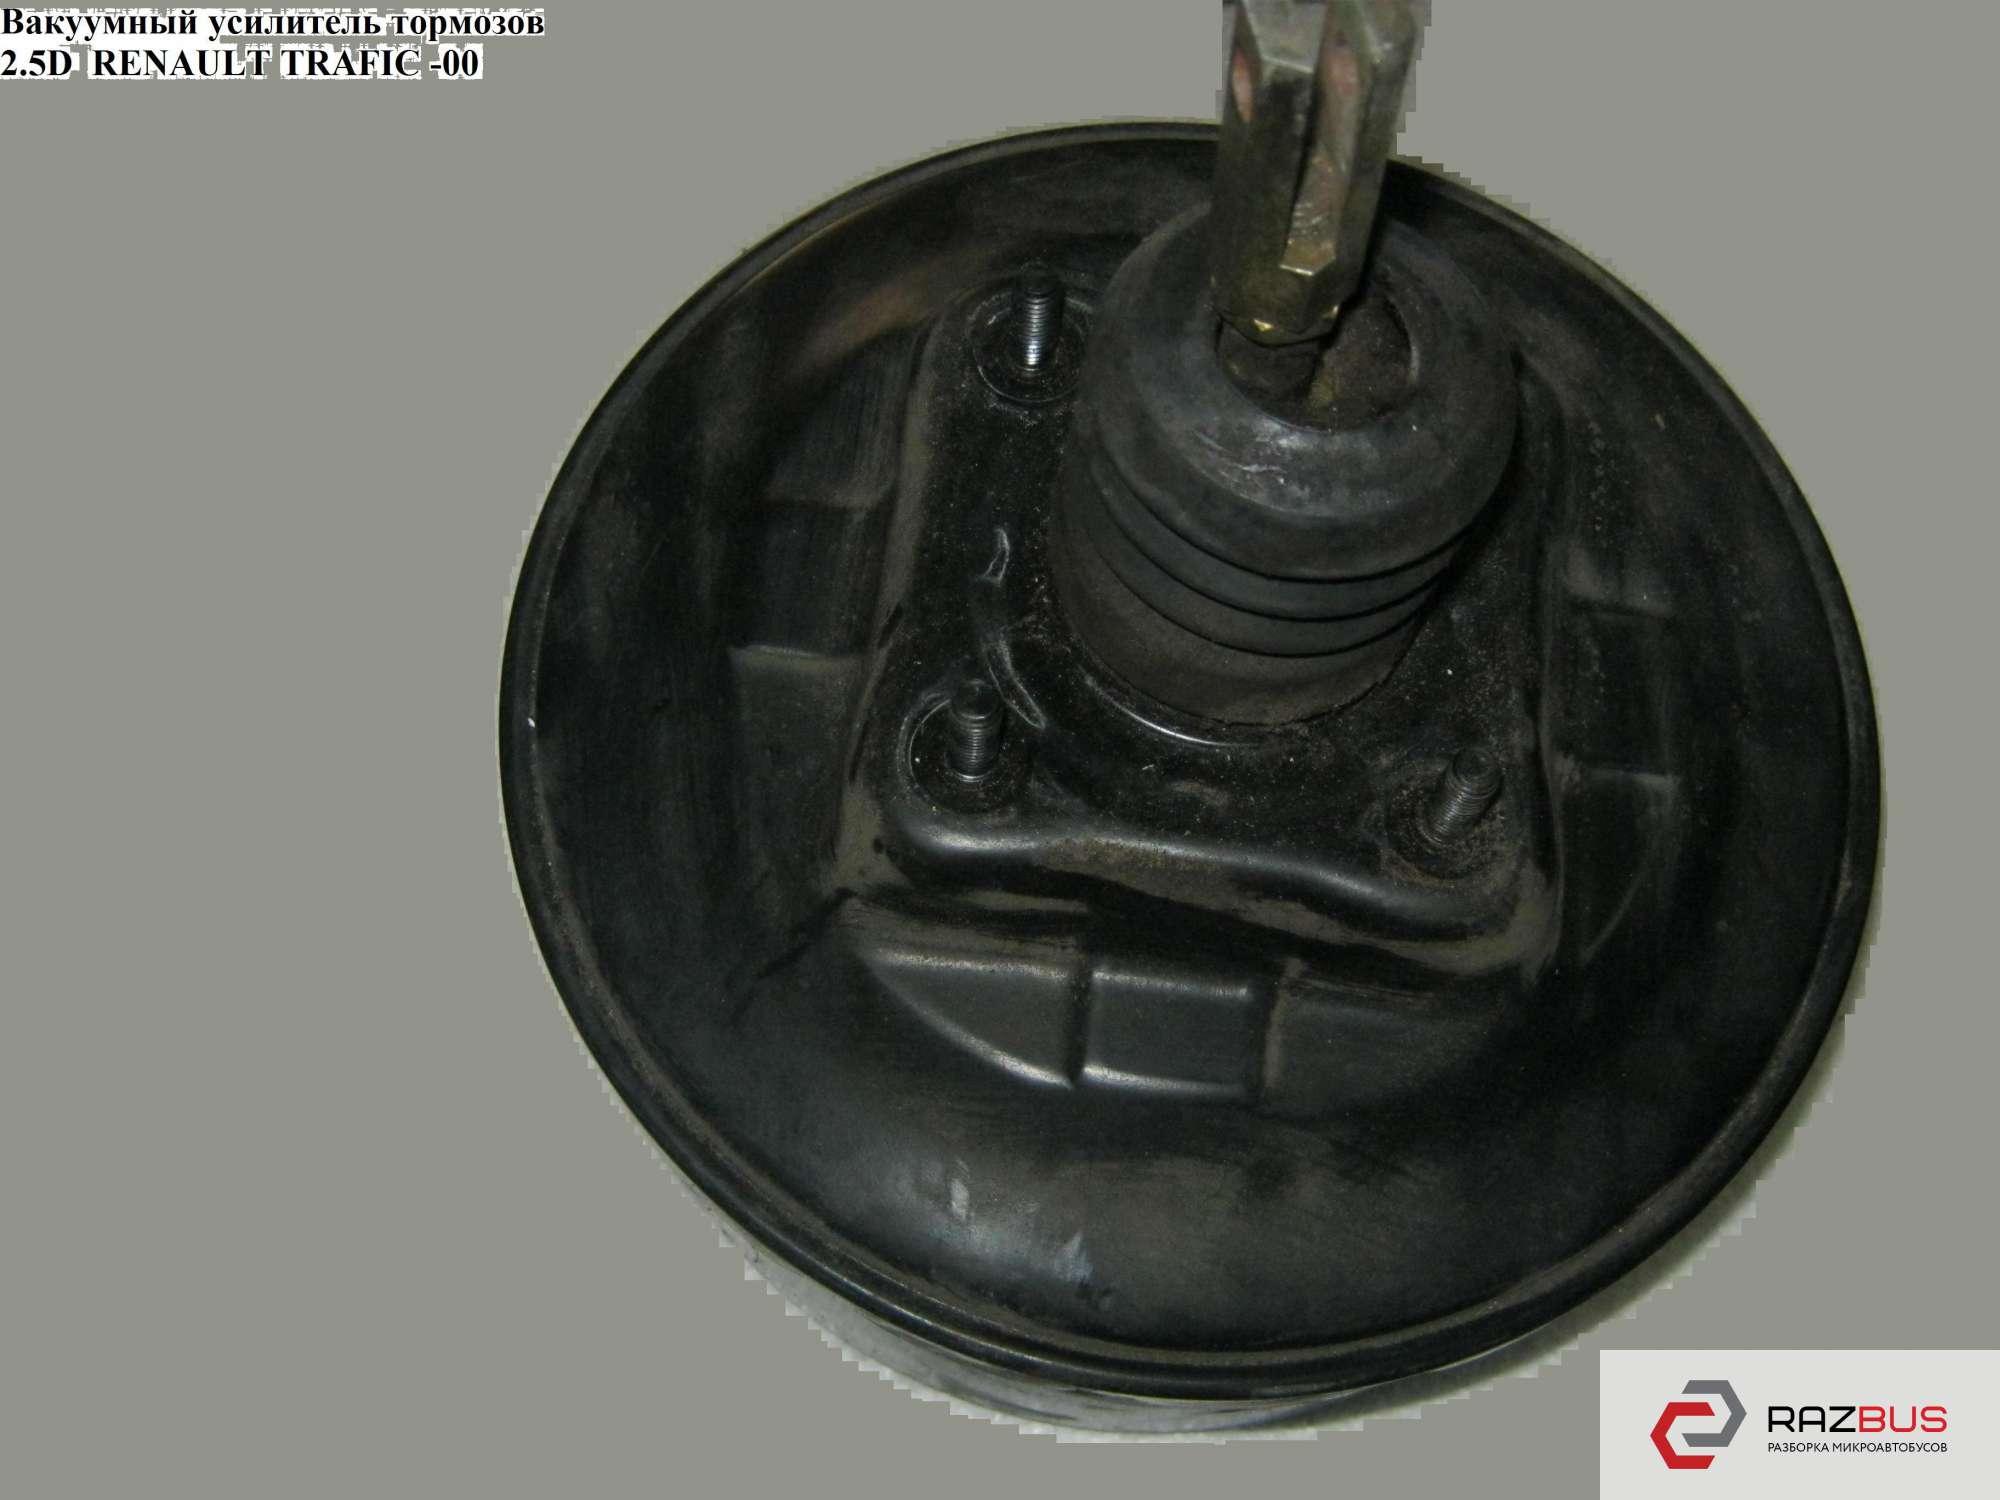 7700797917 Вакуумный усилитель тормозов RENAULT TRAFIC 1980-2000г